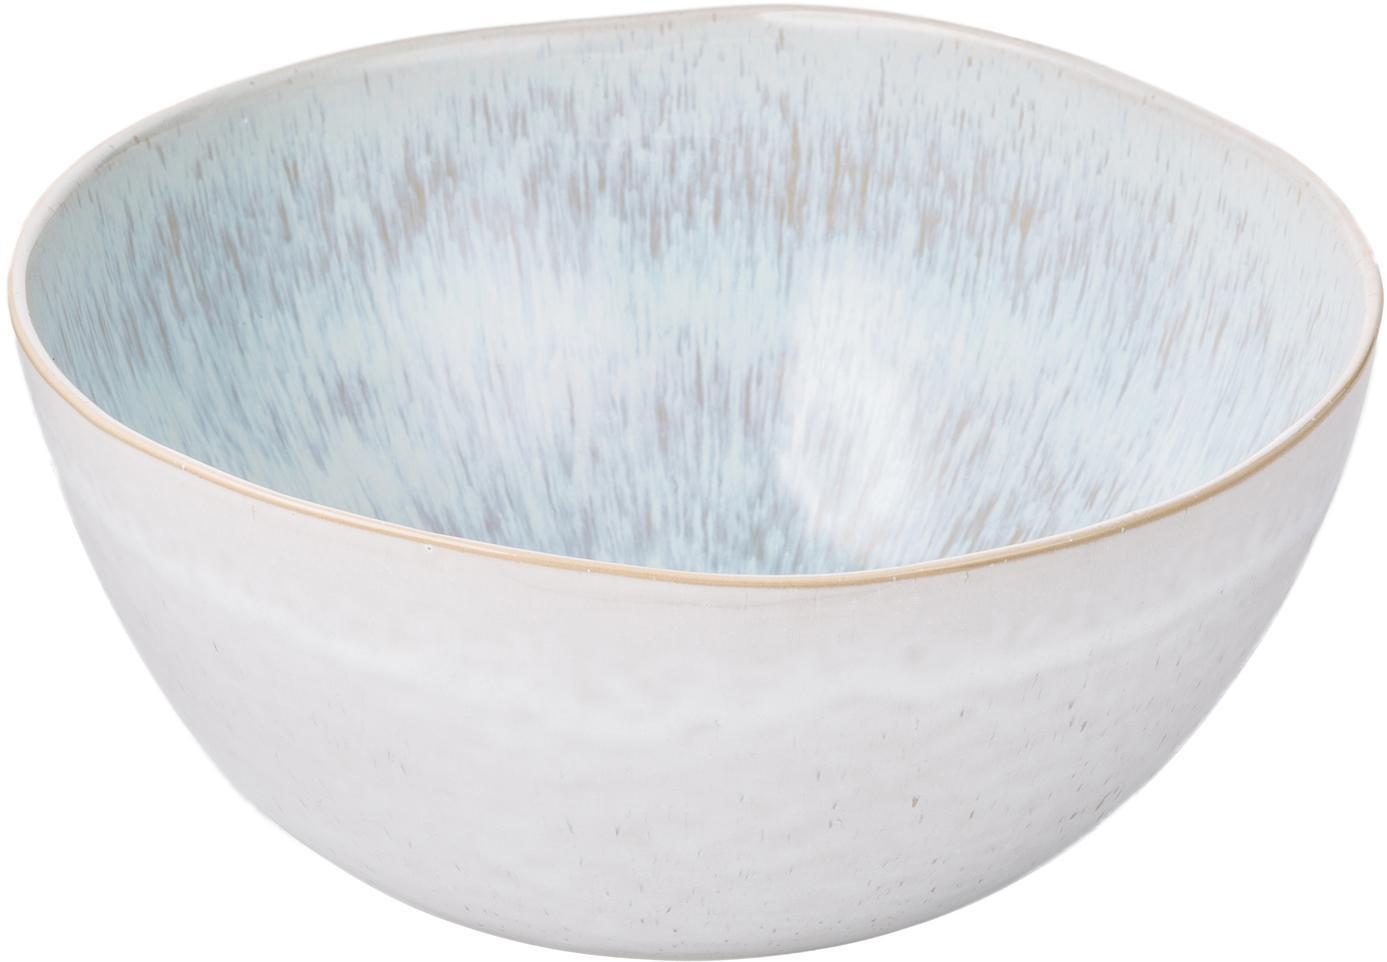 Handbeschilderde saladekom Areia, Keramiek, Lichtblauw, gebroken wit, lichtbeige, Ø 26 x H 12 cm